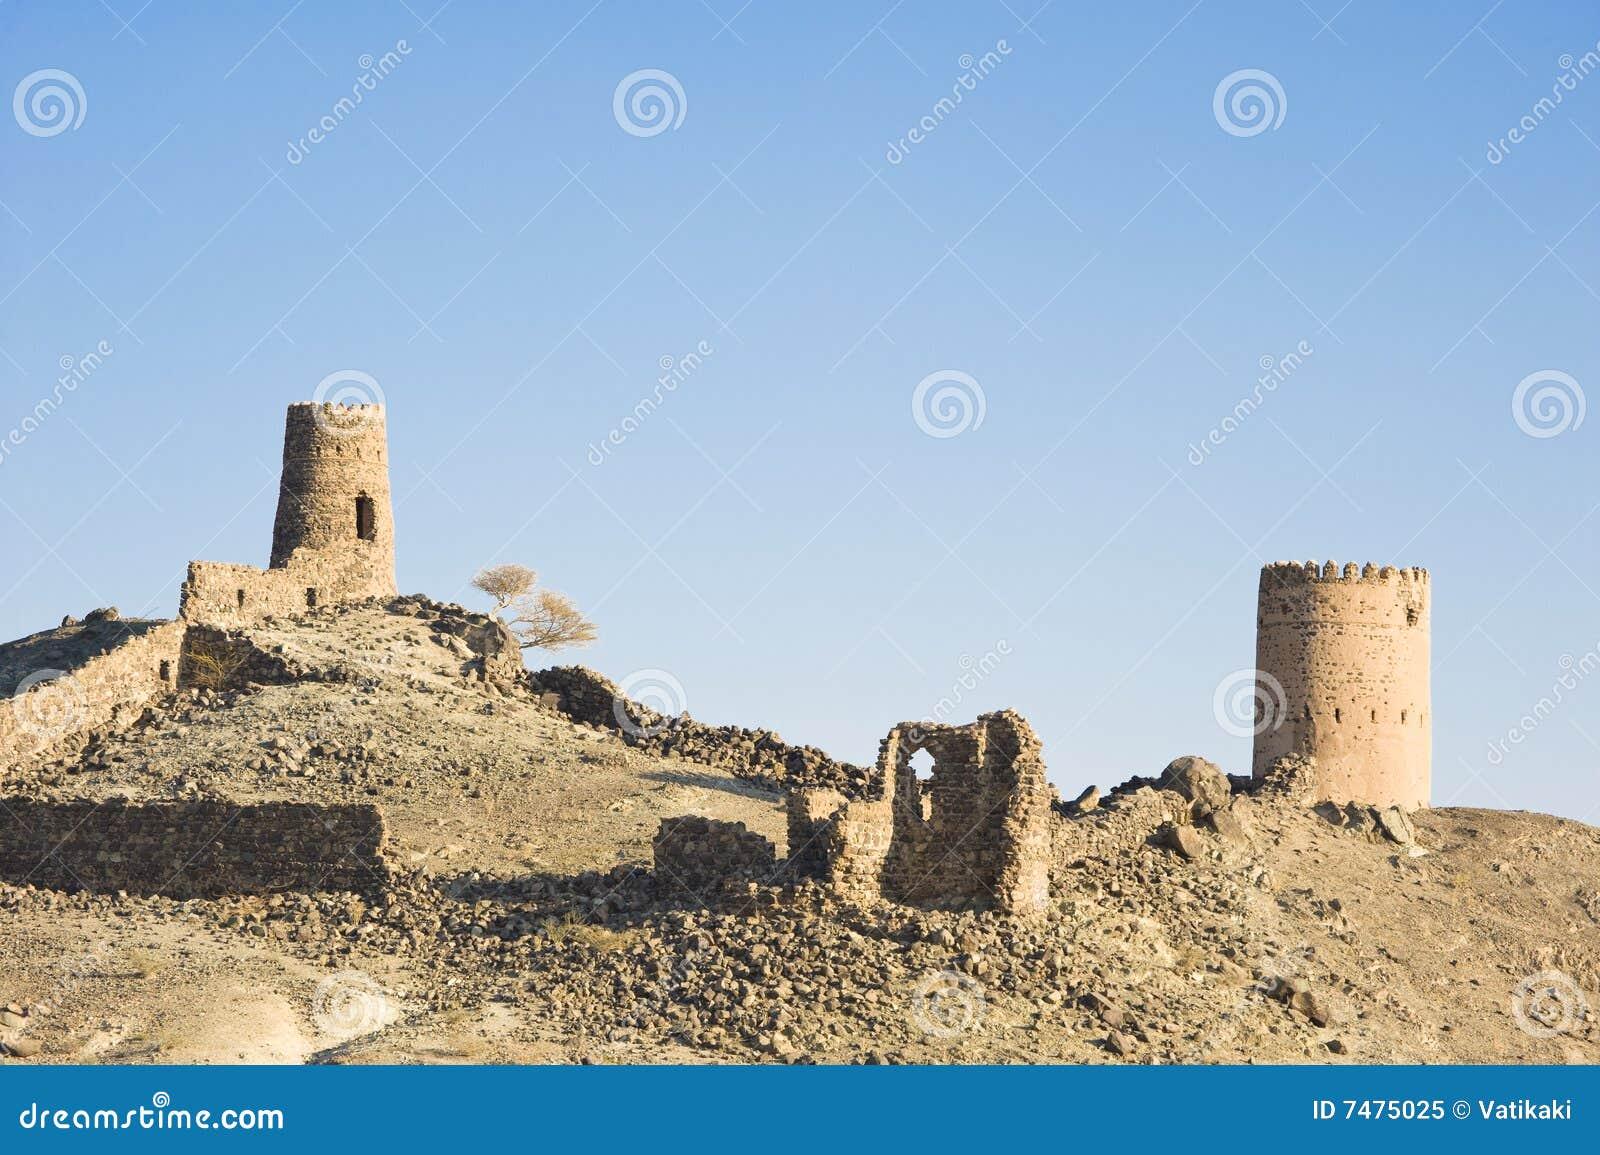 αρχαίες καταστροφές του Ομάν mudayrib Al